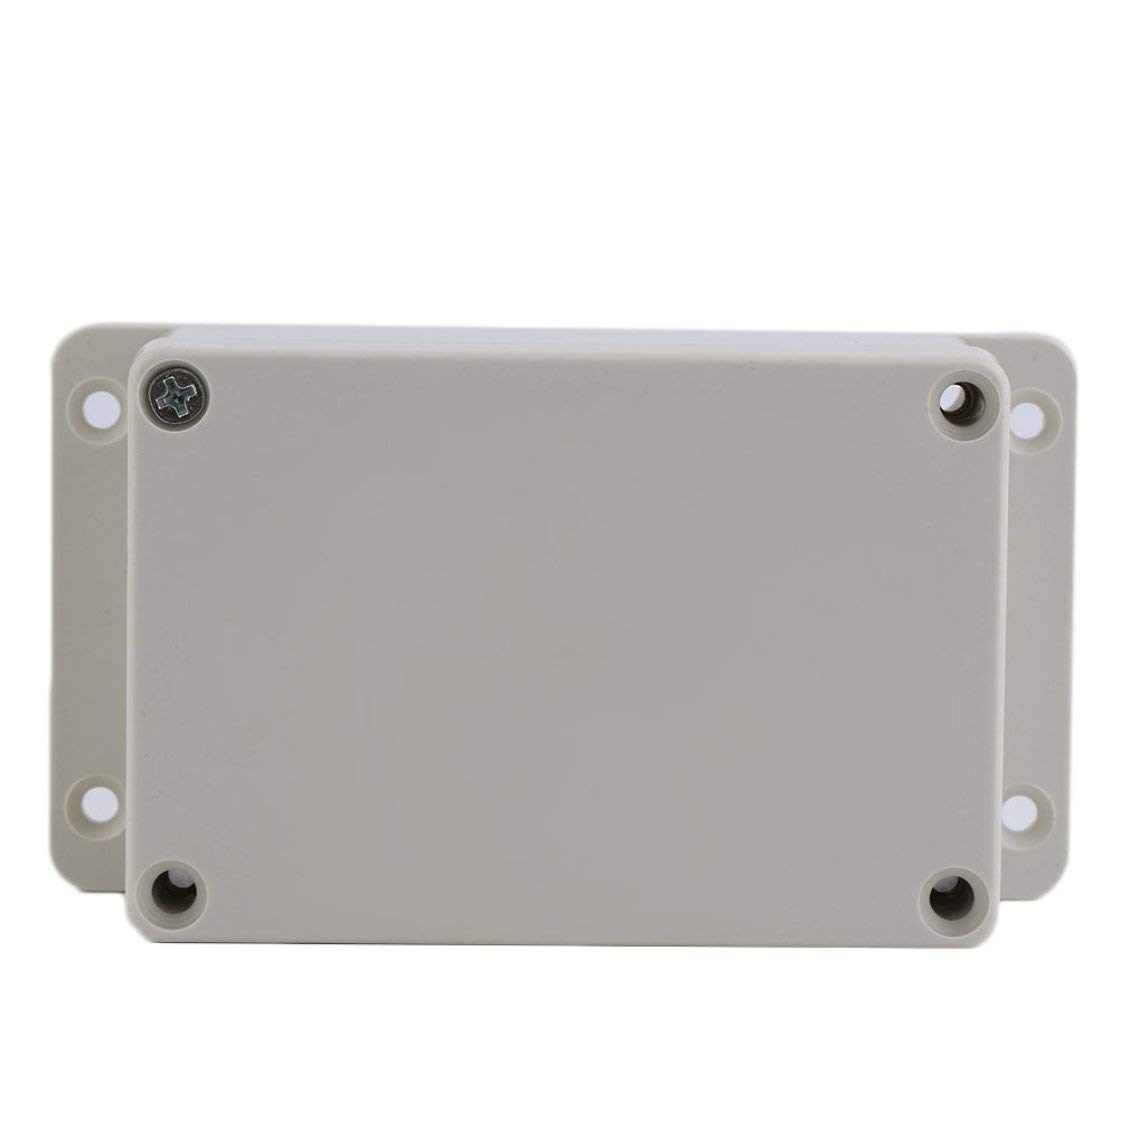 Blanco Caja impermeable de pl/ástico para proyectos electr/ónicos 100 x 68 x 50 mm Caja del gabinete Caja para instrumentos de caja de bricolaje